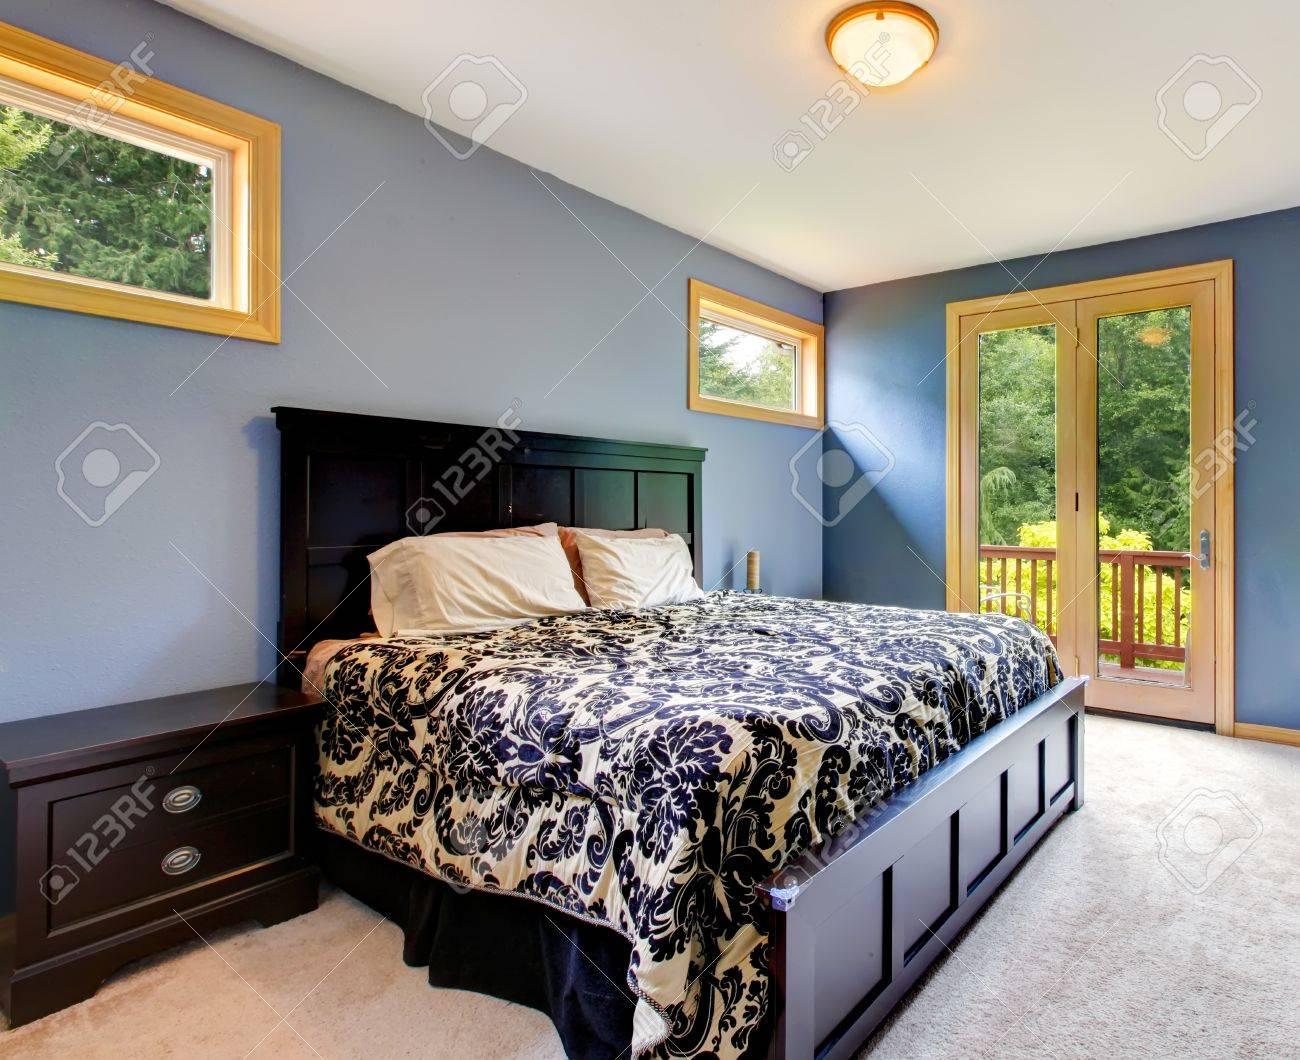 Blaue Moderne Schlafzimmer Mit Balkontür Und Beige Teppich Standard Bild    16335346